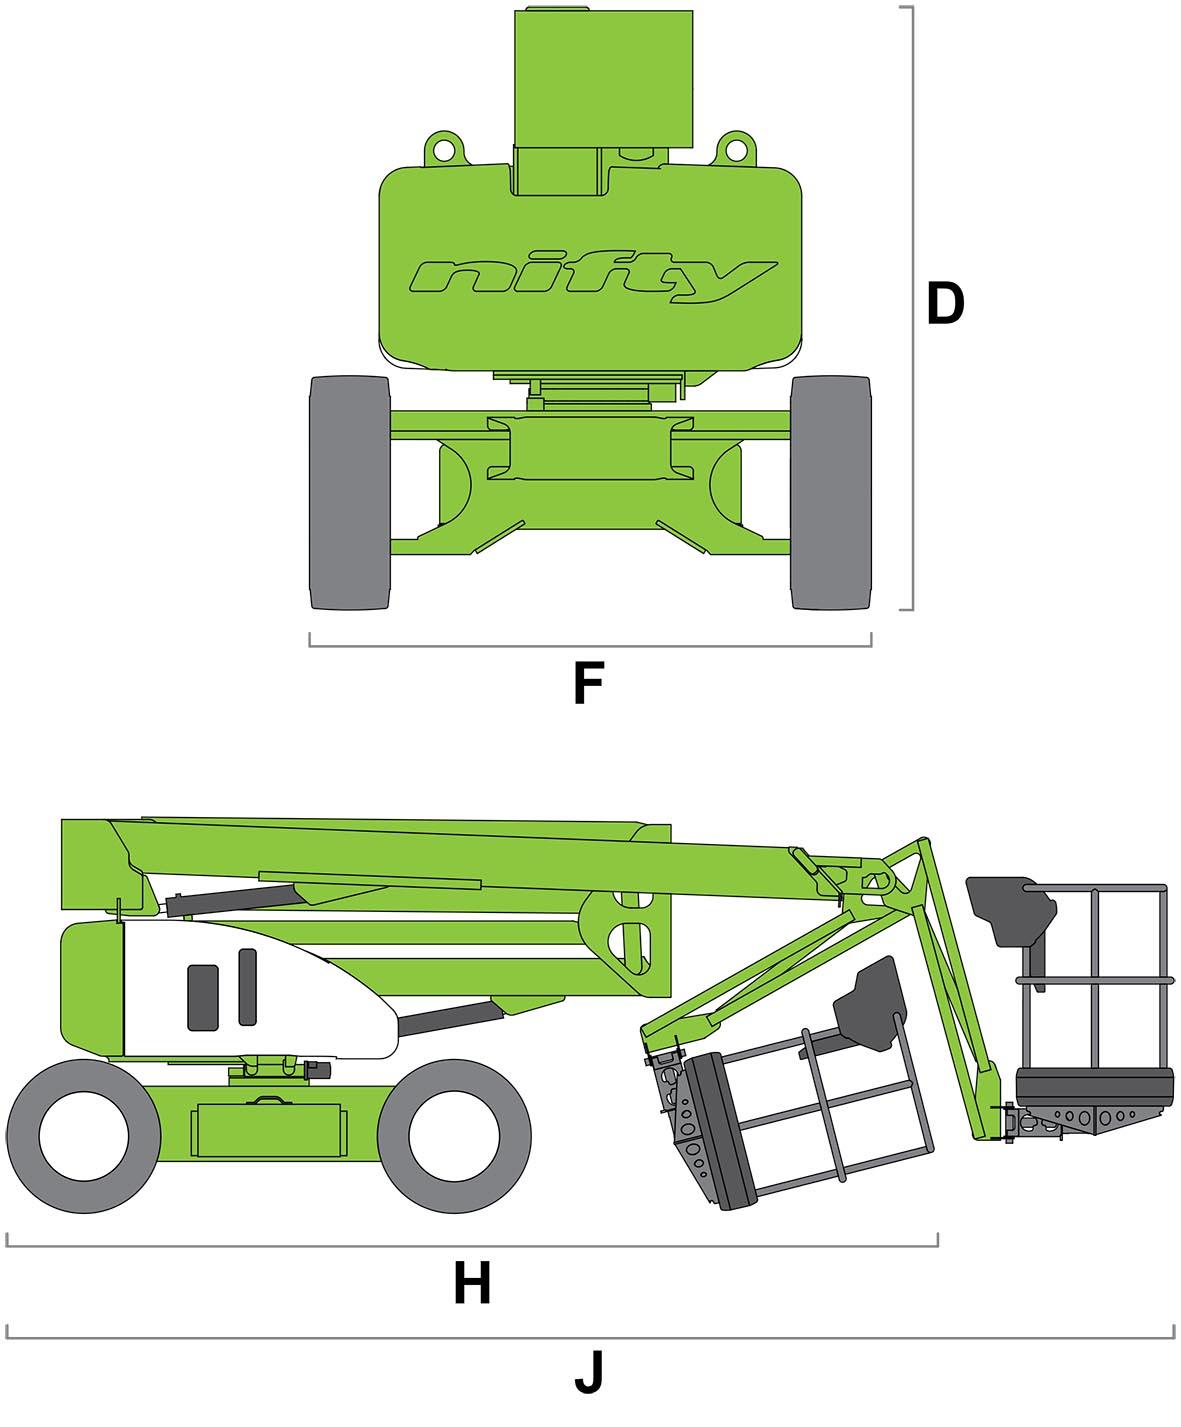 ابعاد بالابر HR17 4x4